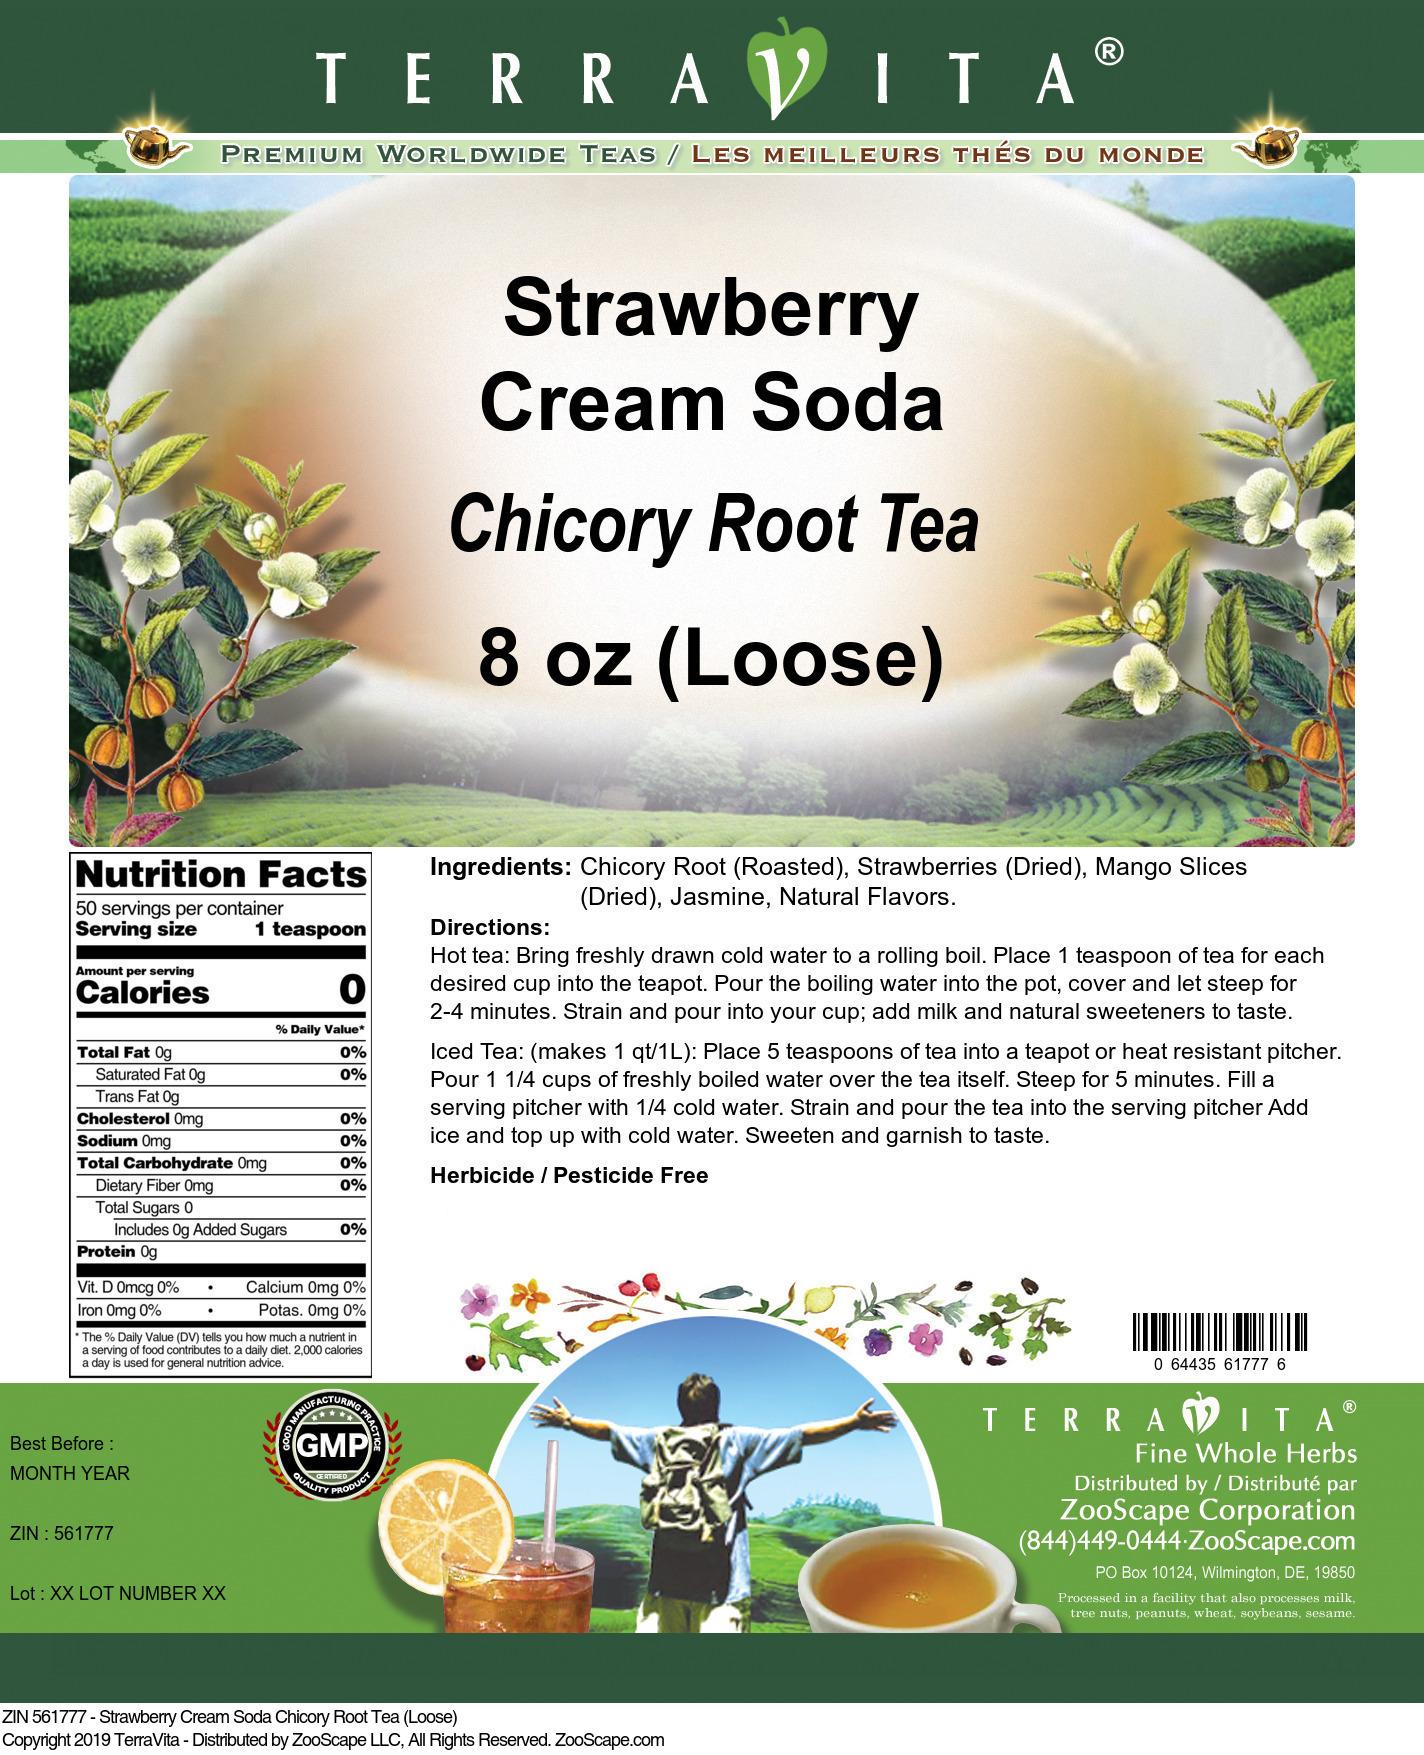 Strawberry Cream Soda Chicory Root